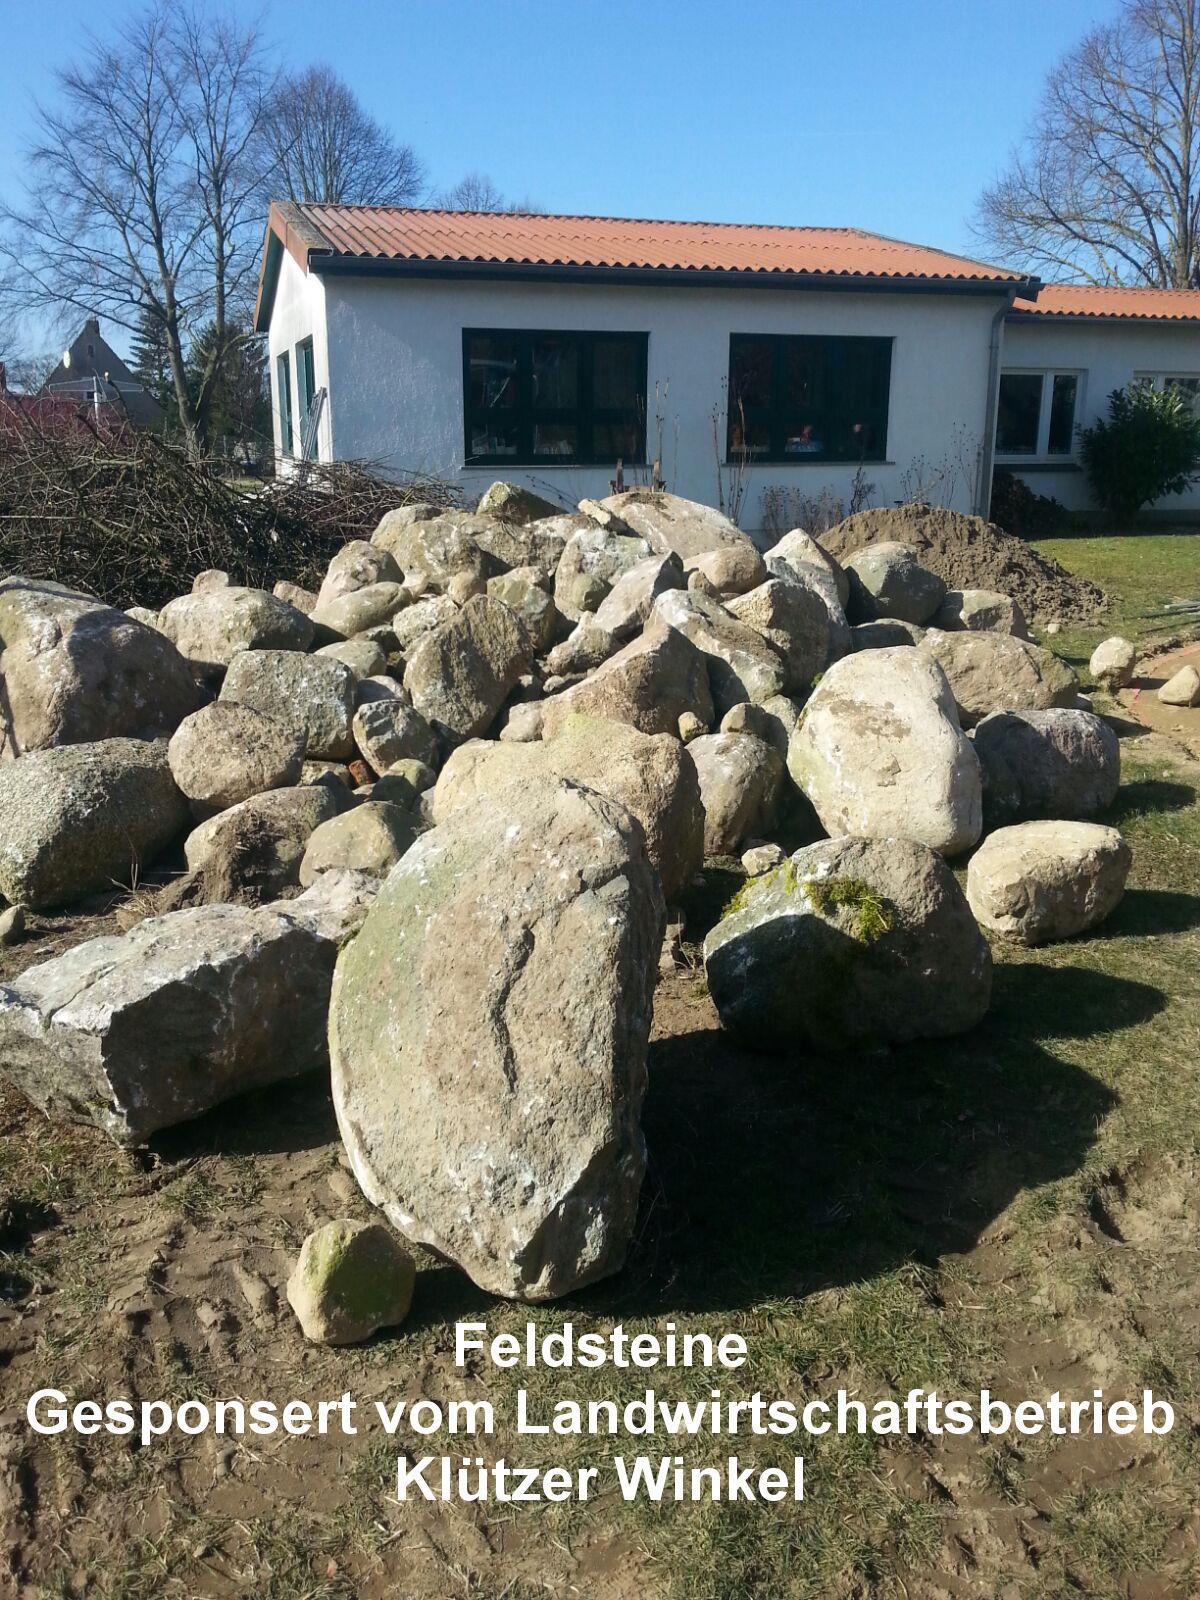 9 Feldsteine, gesponsert vom Landwirtschaftsbetrieb Klützer Winkel